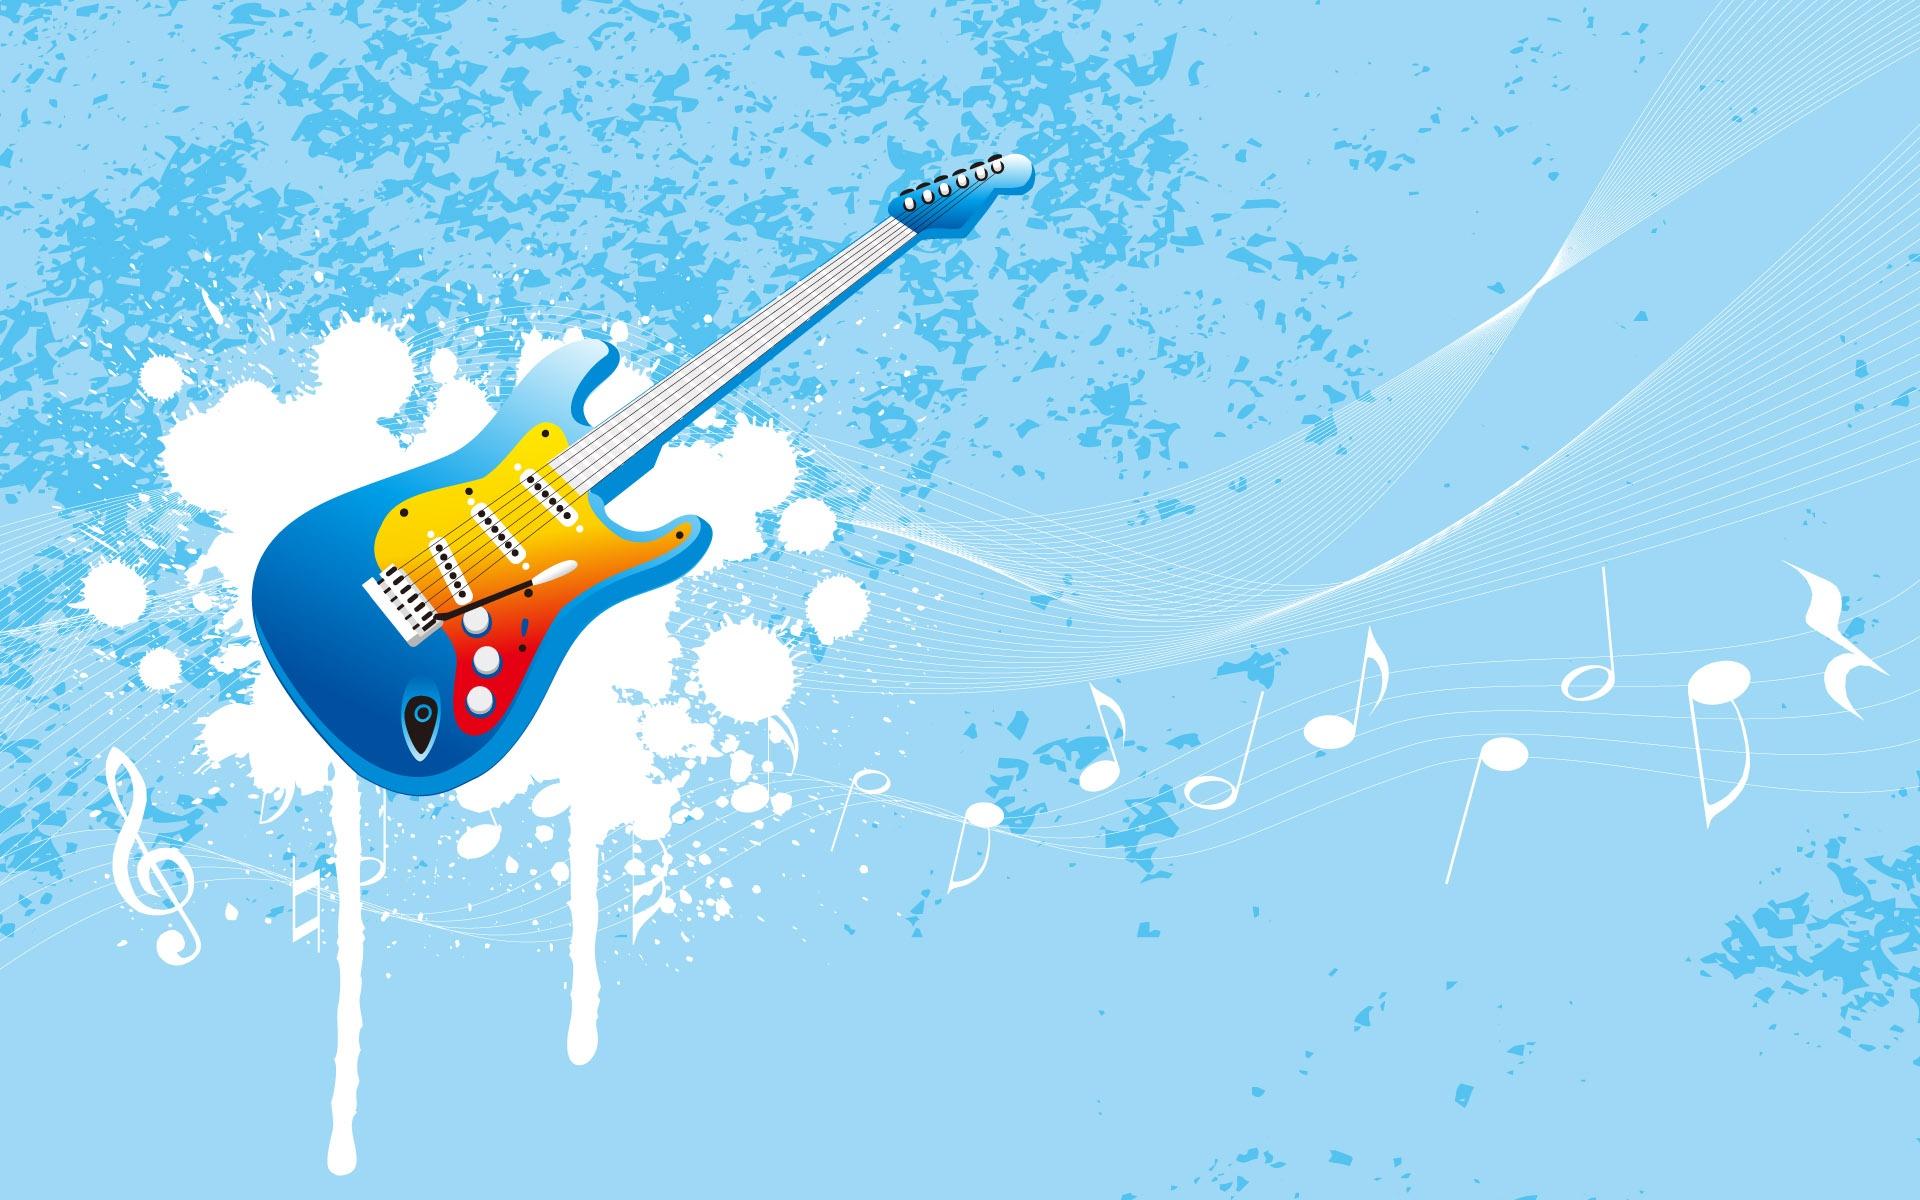 矢量设计-音乐元素(1920x1200)壁纸 - 桌面壁纸【壁纸